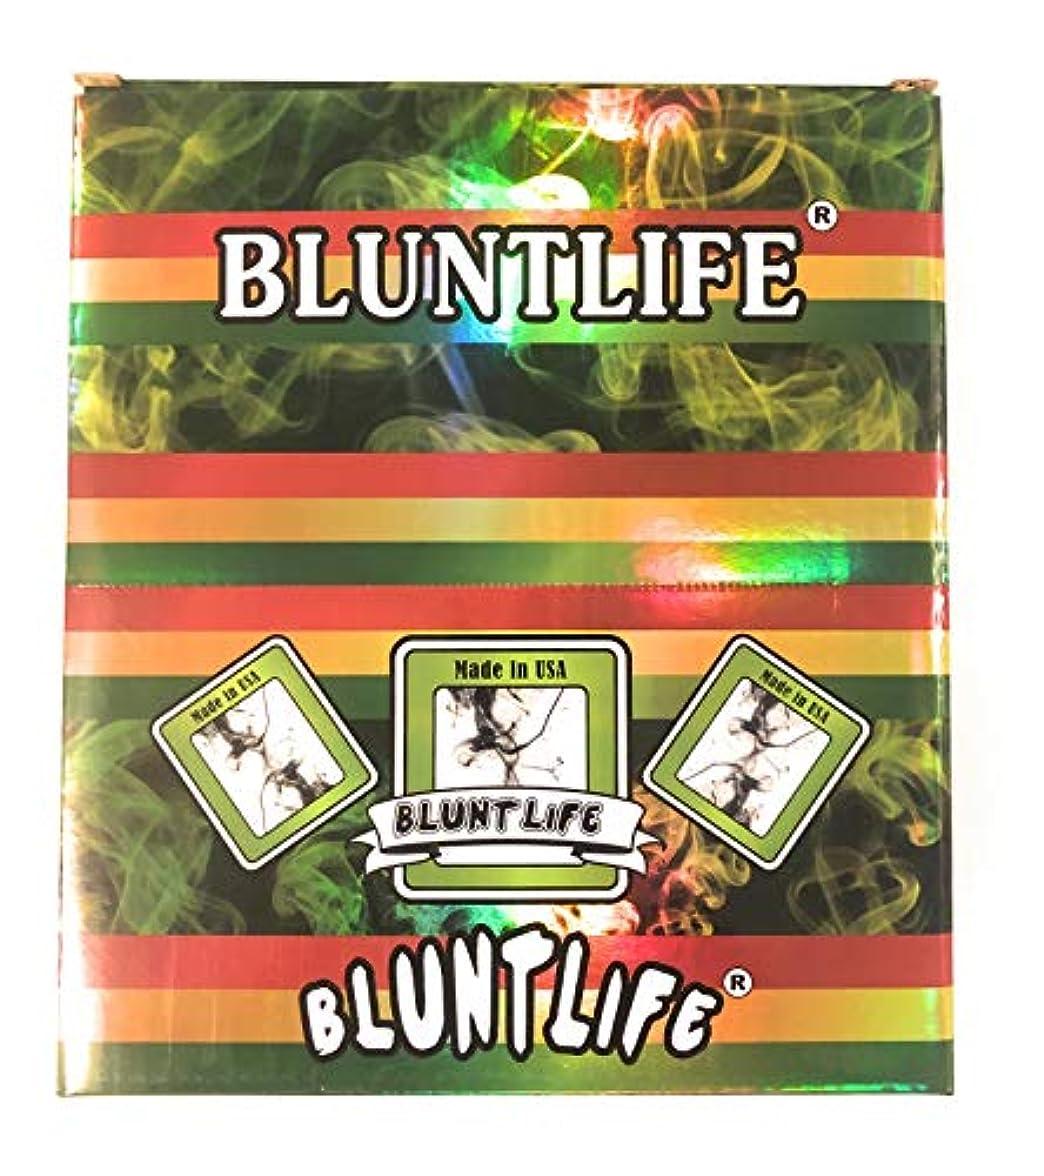 ジェーンオースティンミリメートルパール864 Incense Sticks Bulk Bluntlife Hand-dipped Incense Perfume Wands Display 12-72 Count Assorted